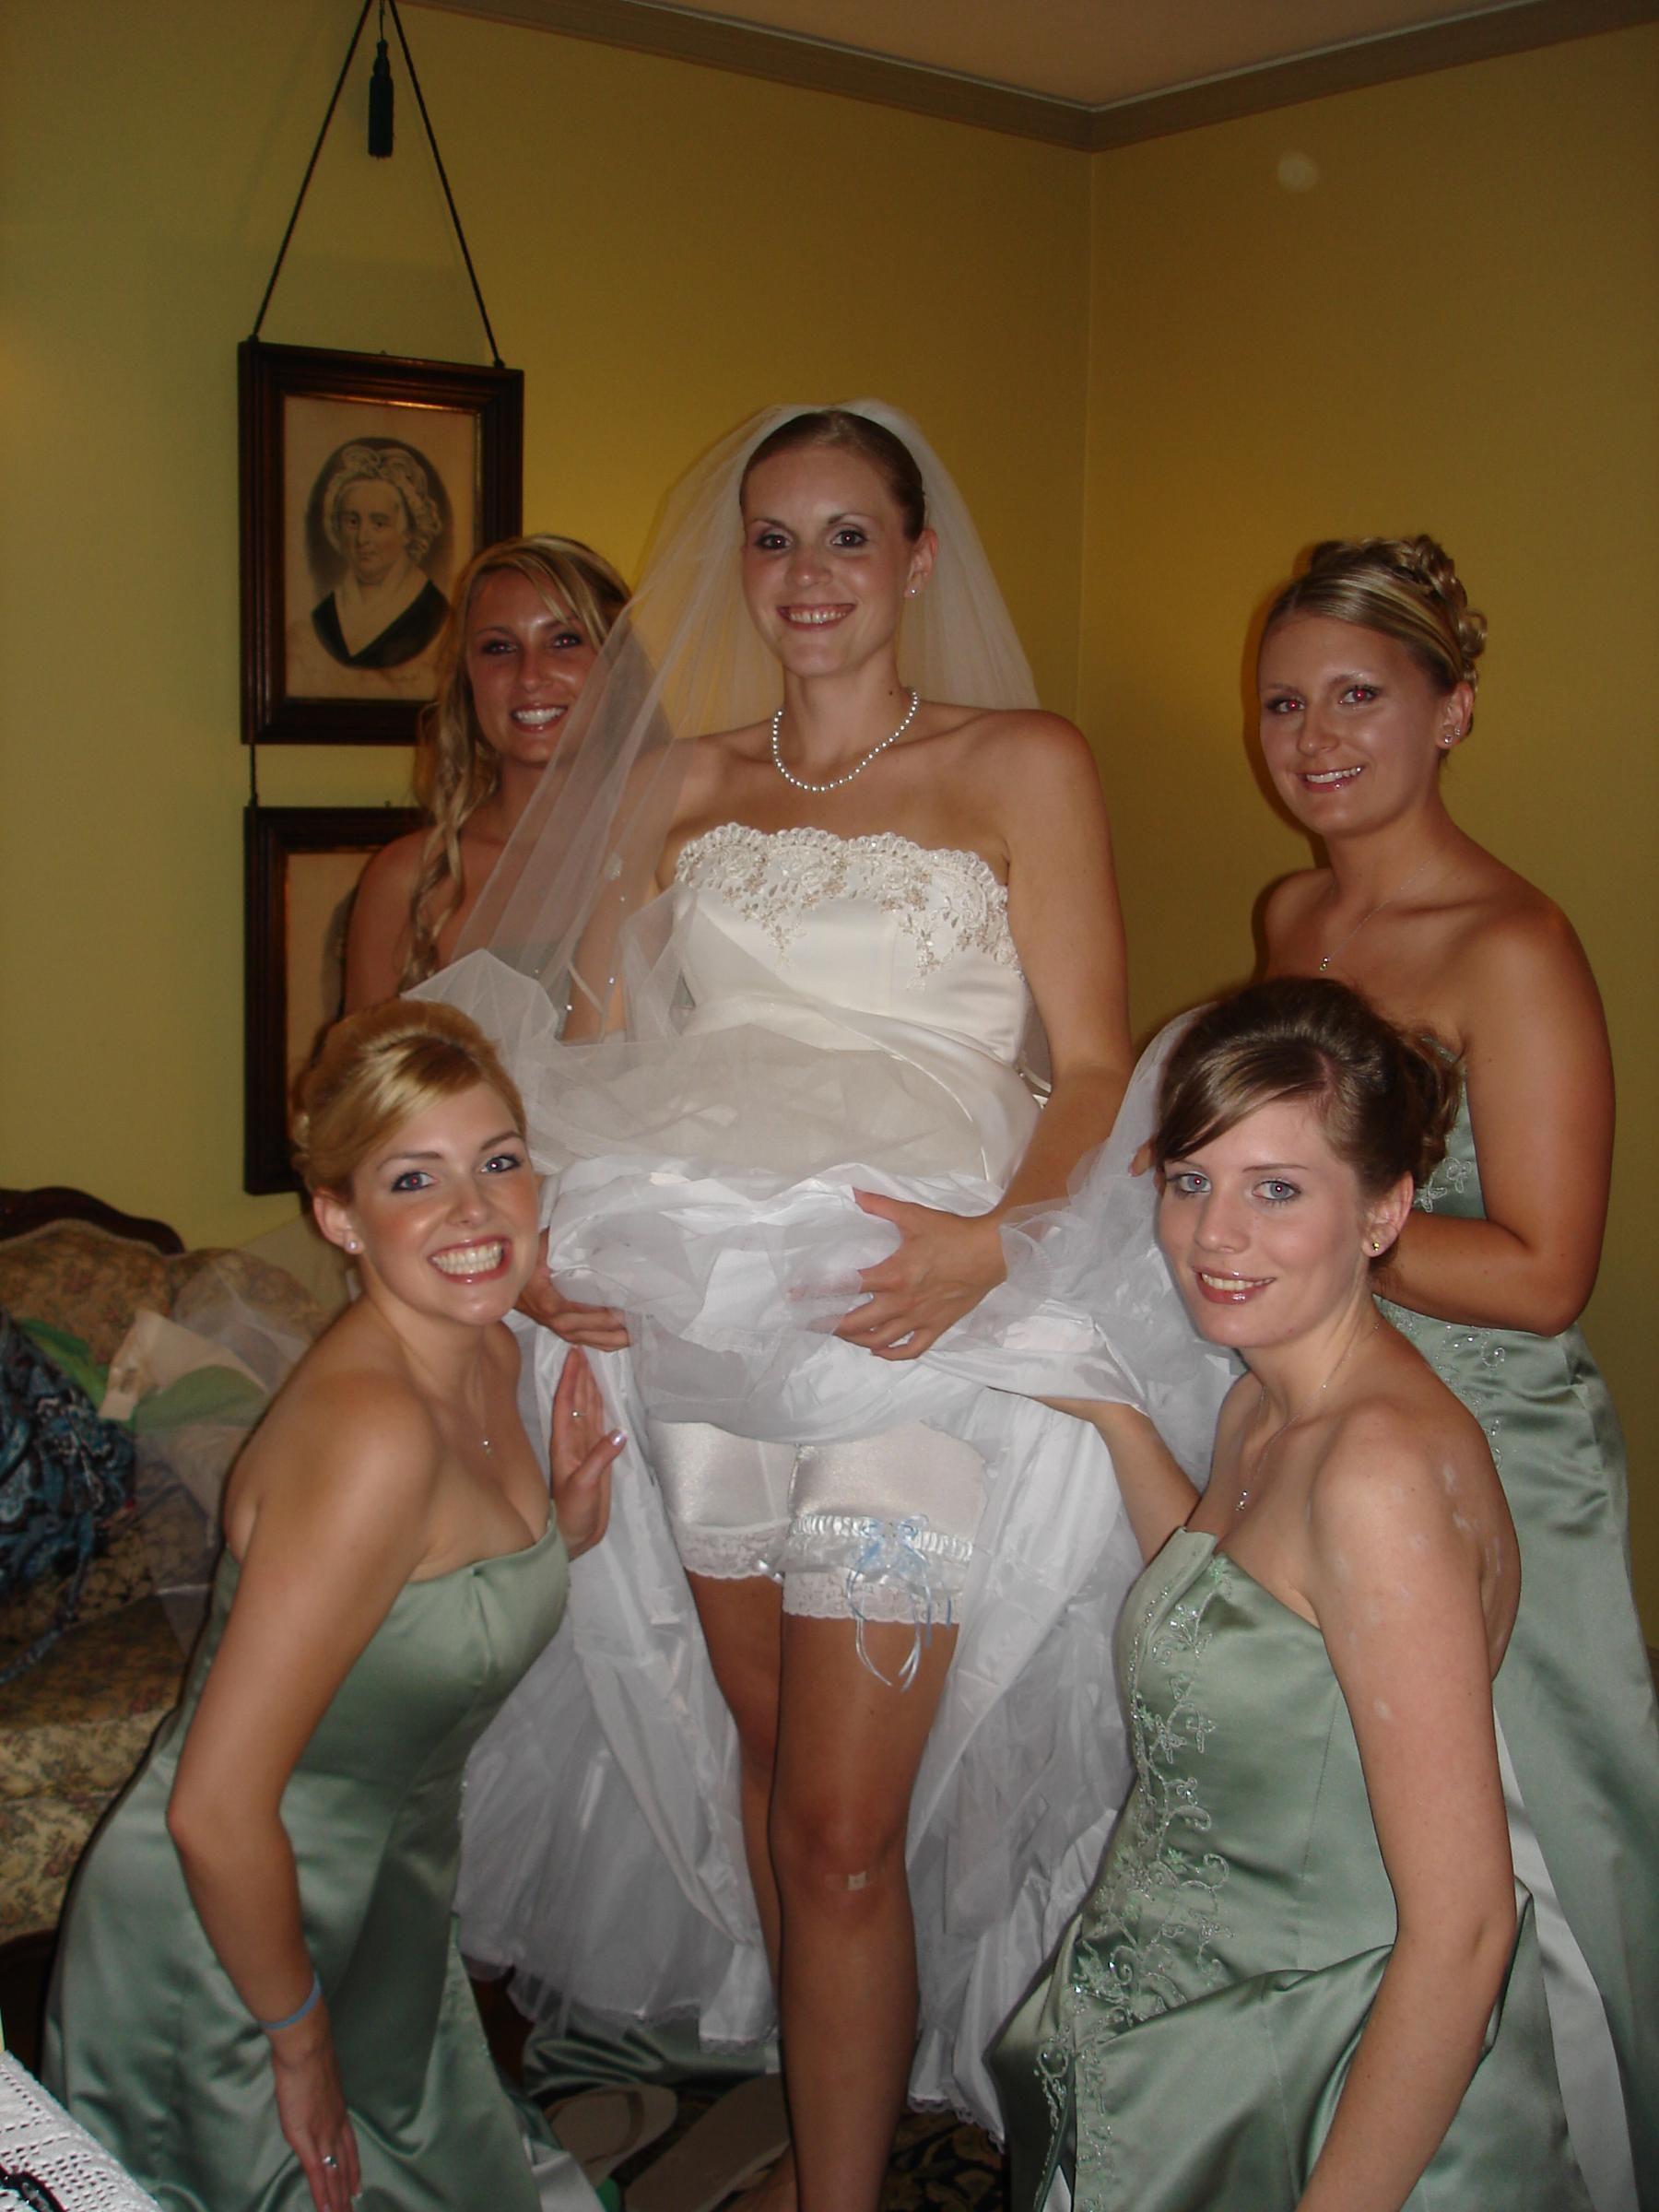 Сайт с частными снимками жен 7 фотография